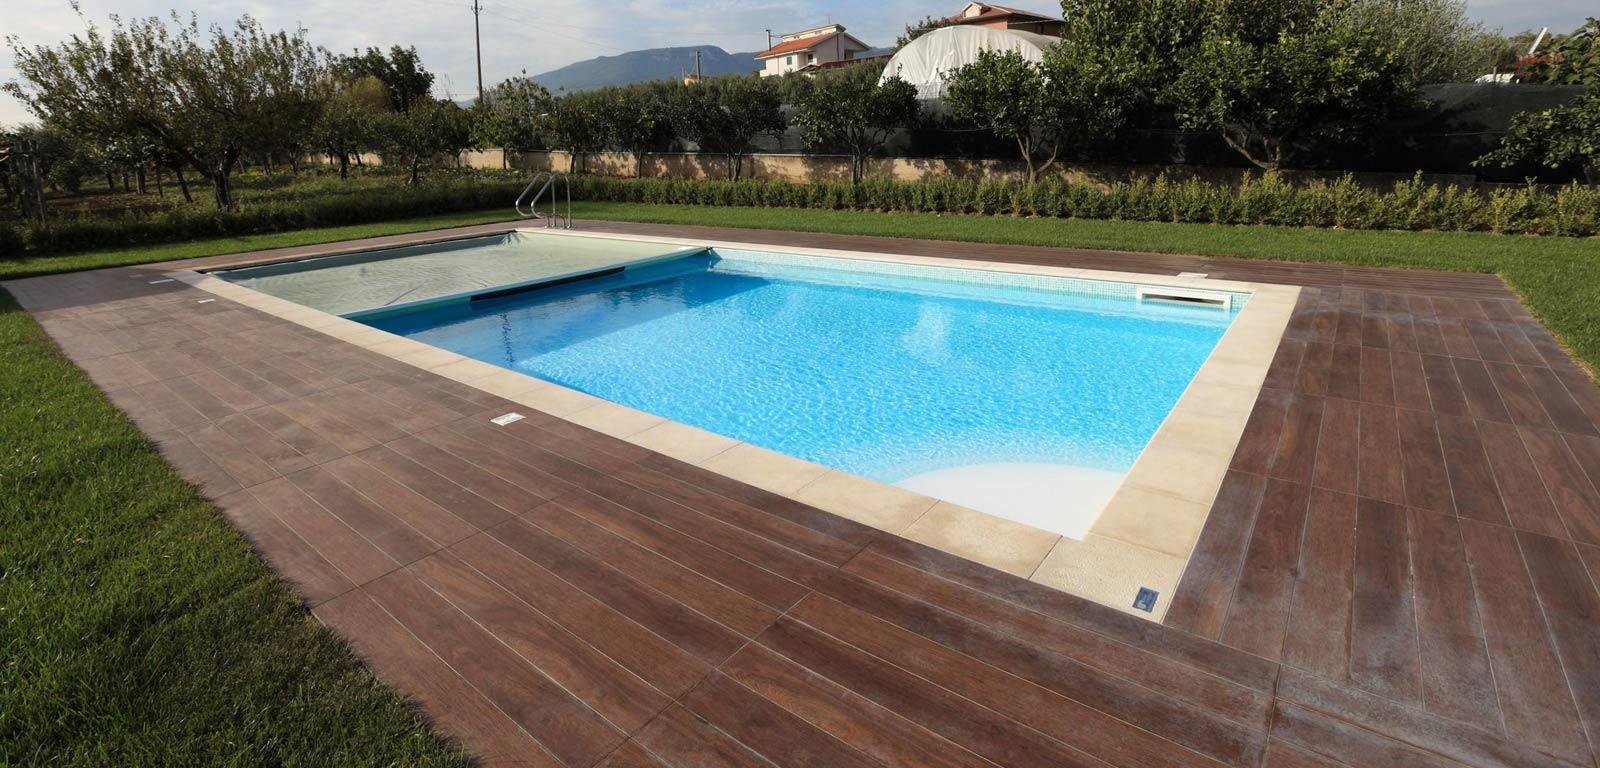 Piscine da giardino oasi di relax per casa tua piscine for Piscine usate